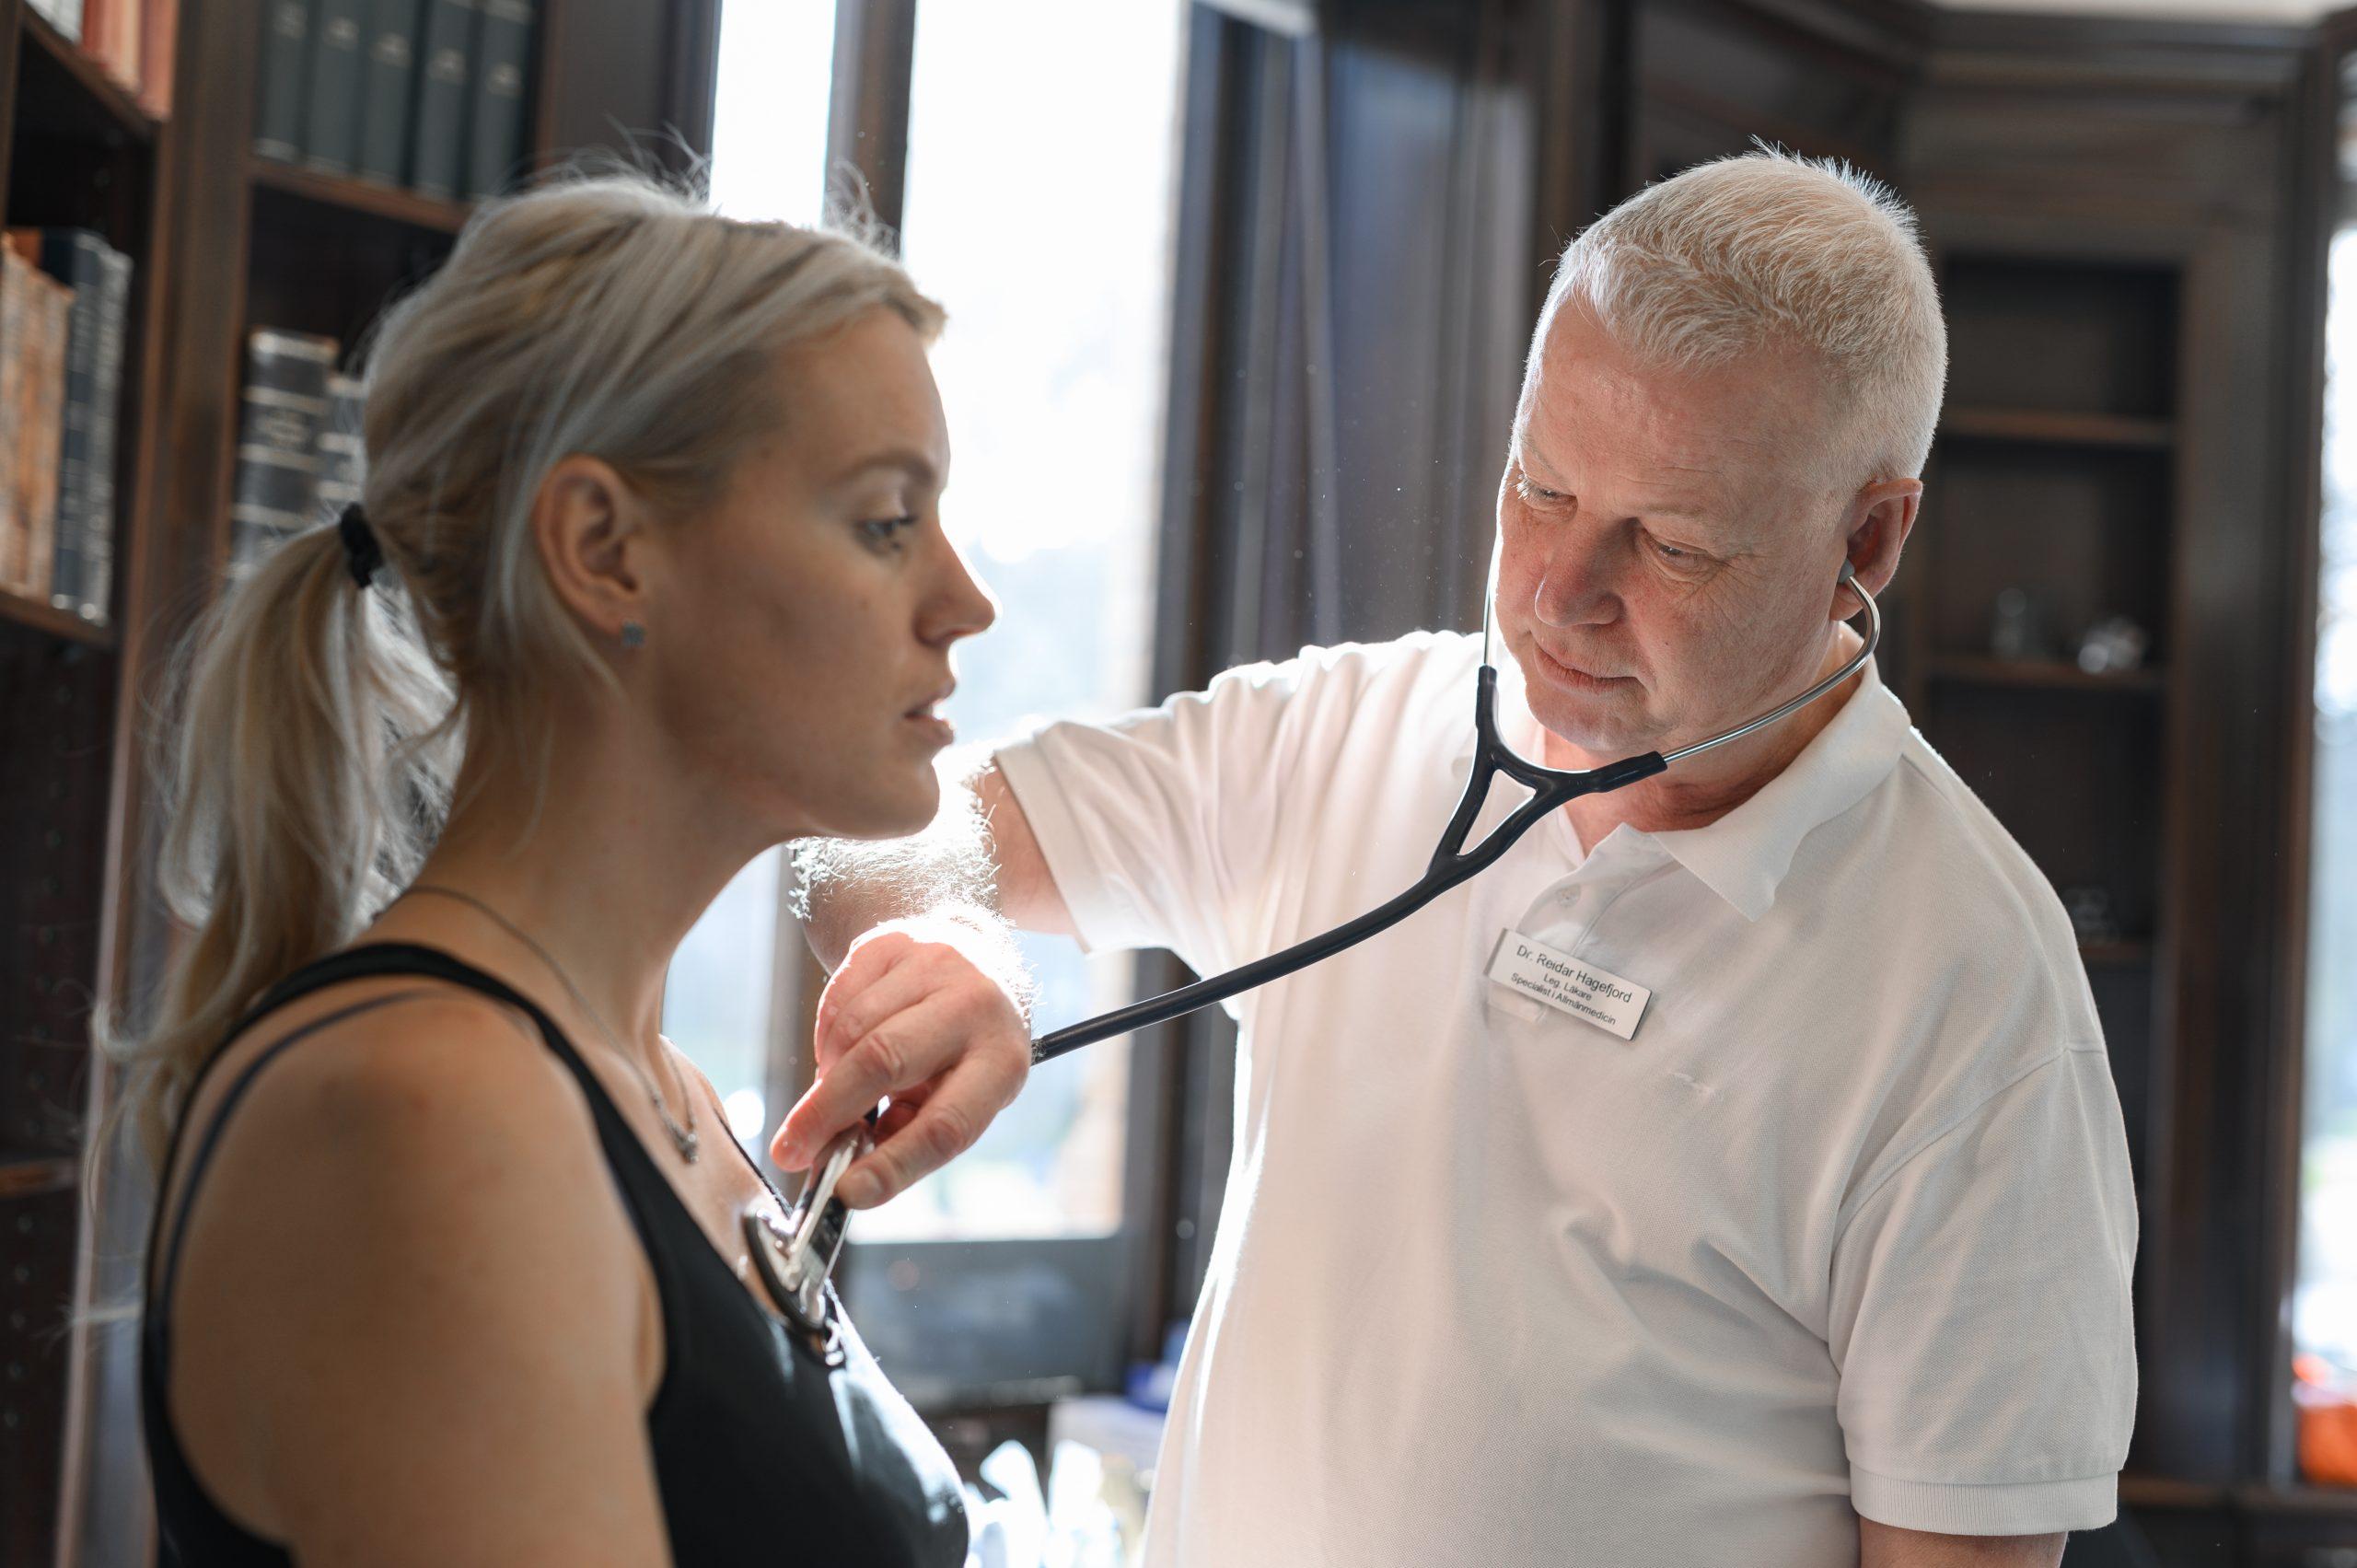 Läkare på Vasakliniken lyssnar på patientens hjärta